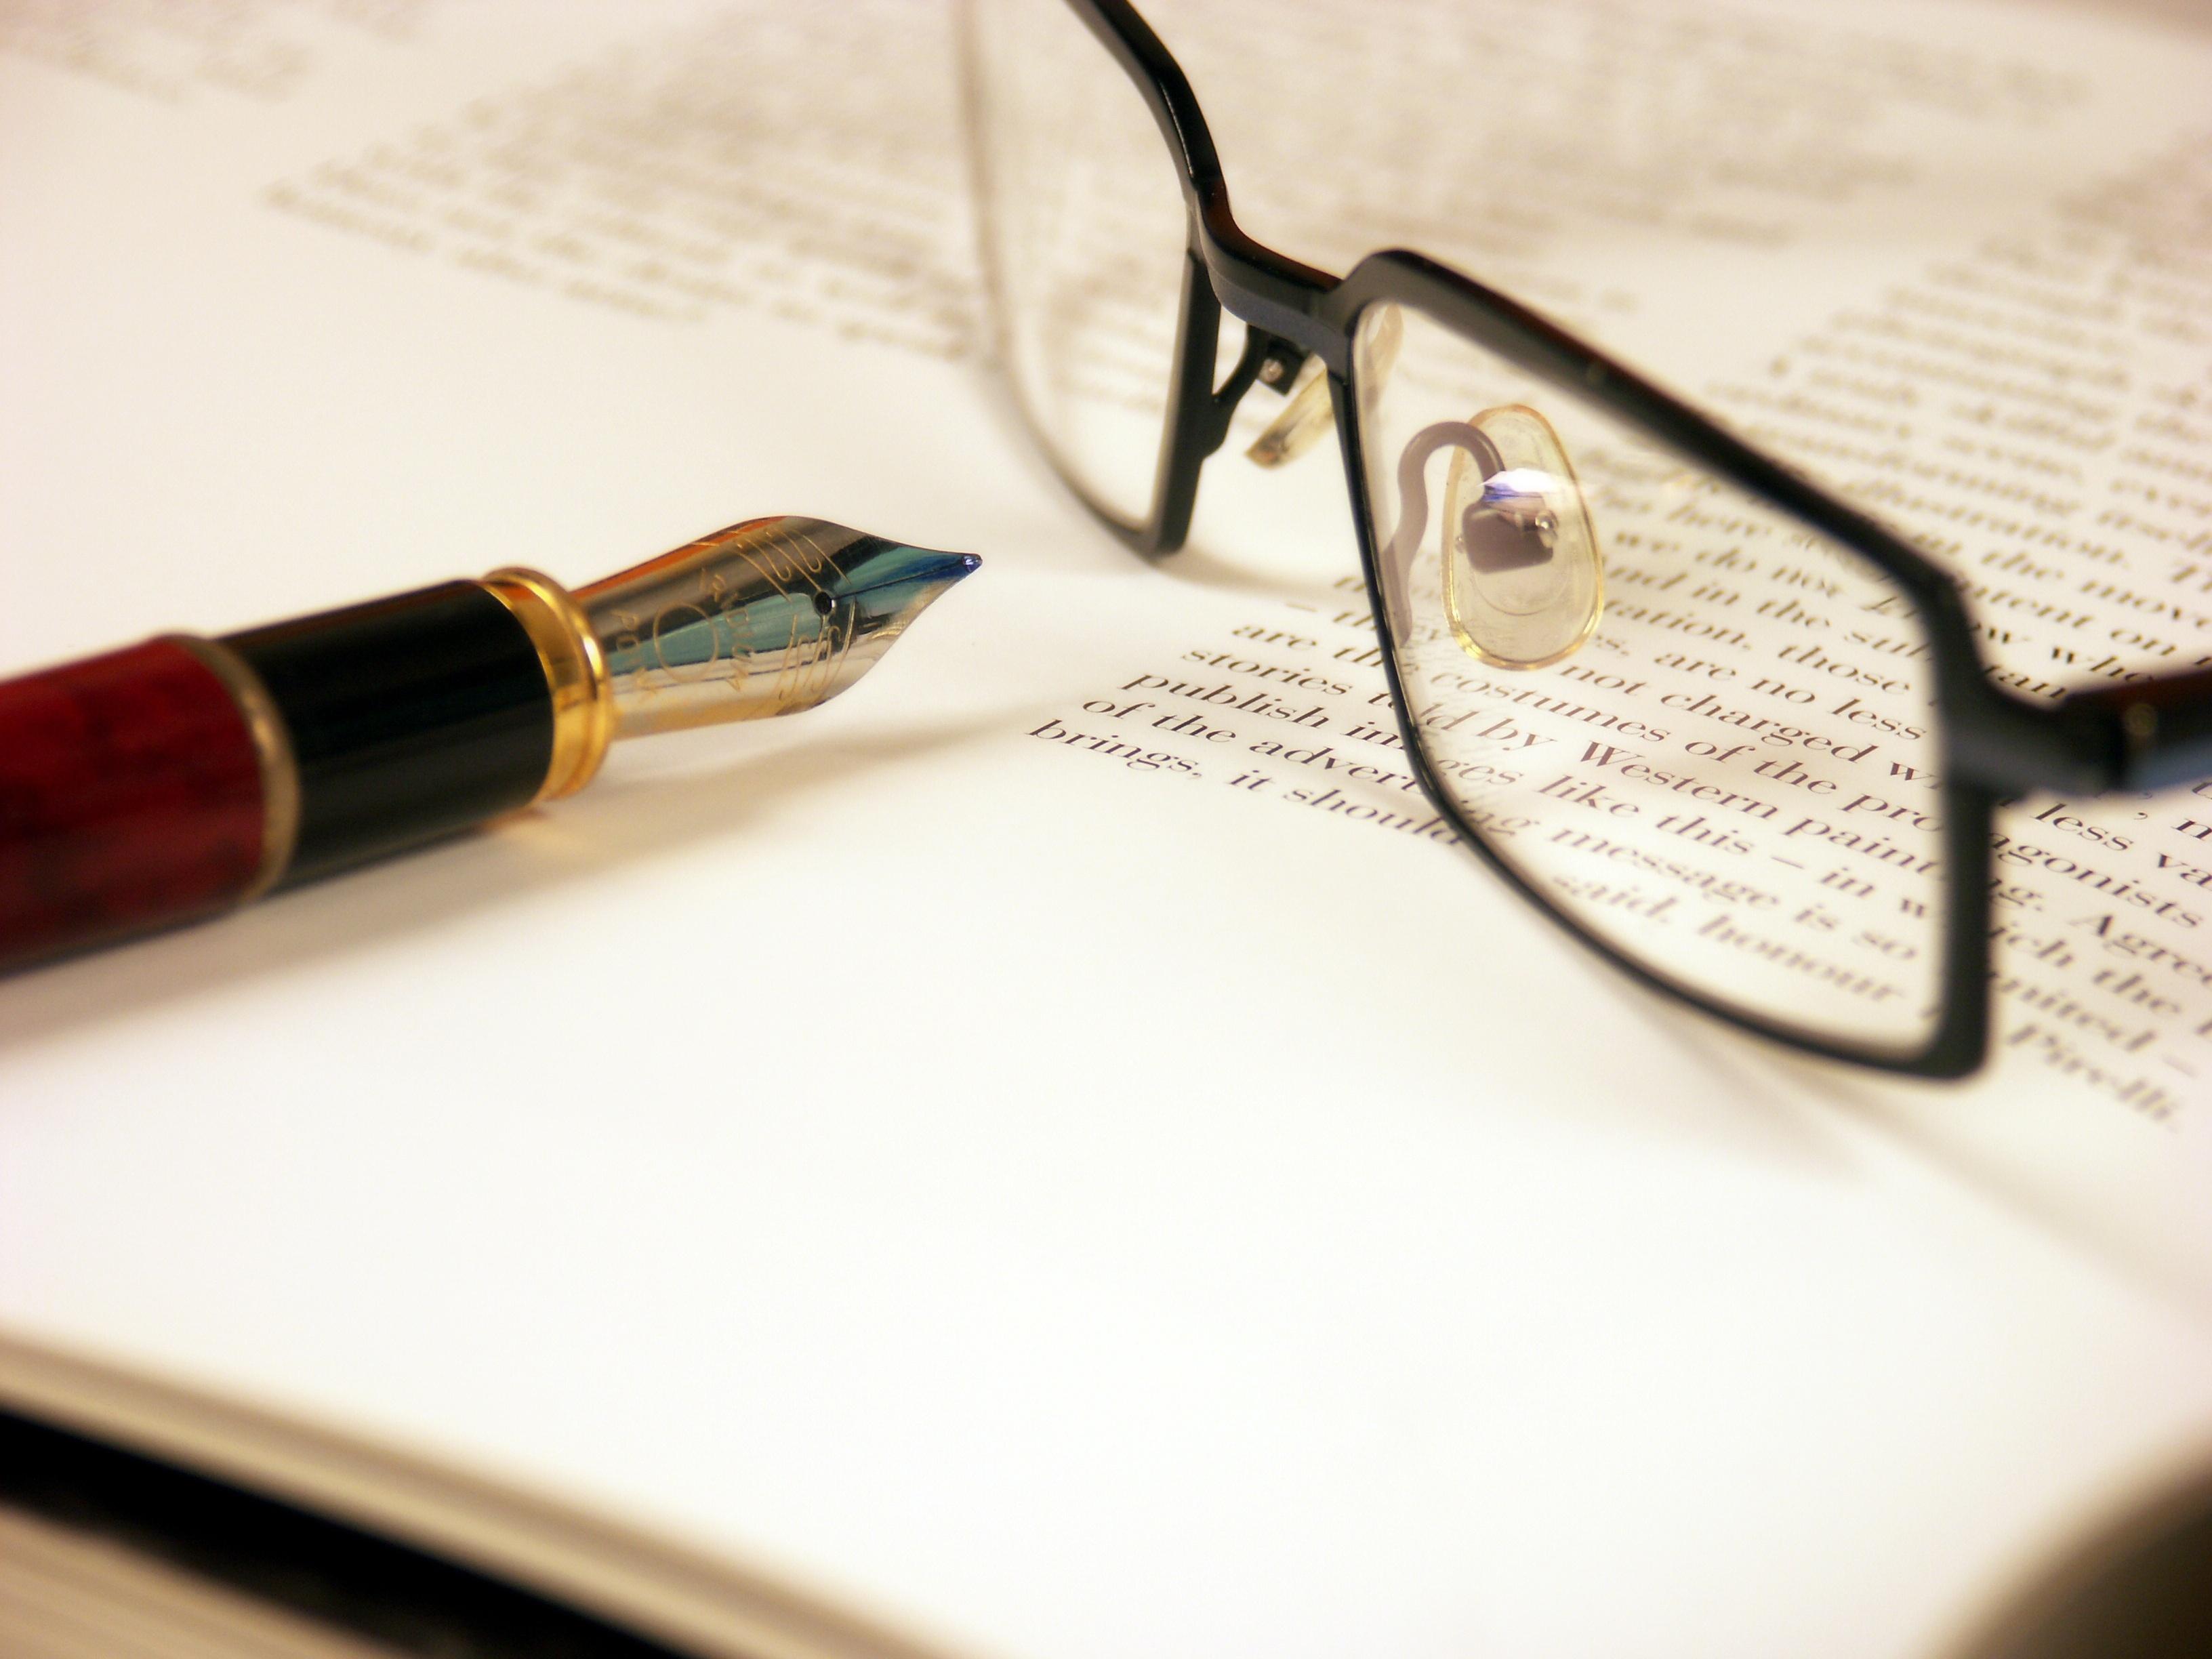 أدوات النكرة والمعرفة 1